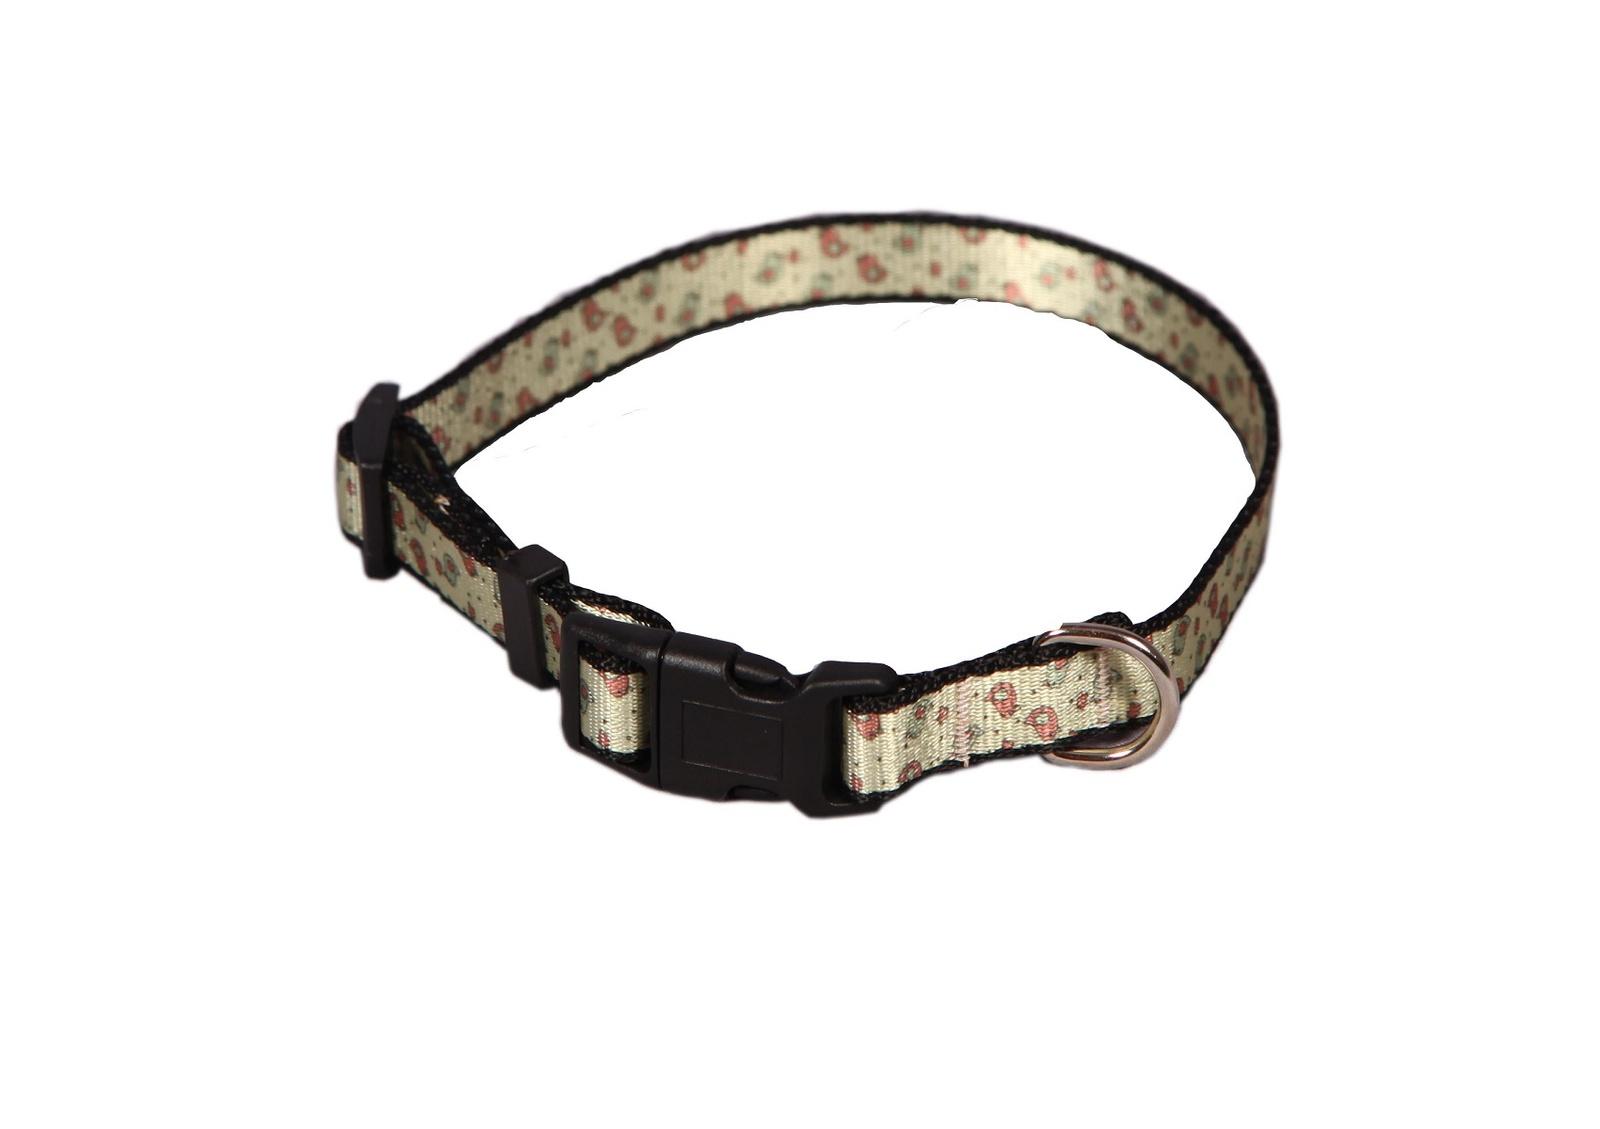 -Ошейник Joy для собак, 2АМО00589,  бежевый, розовый, черный, стропа, 15 мм, 30- 40 см